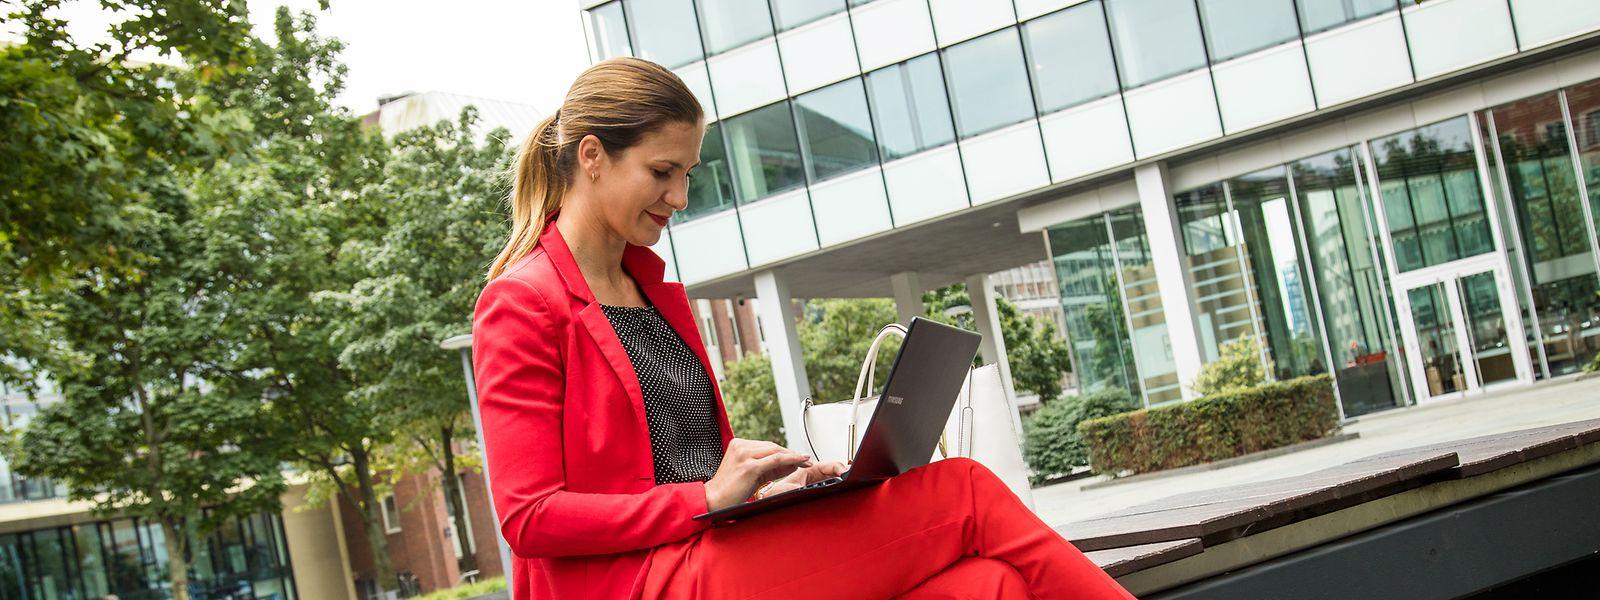 Wer sich auf Karrierewebseiten oder in sozialen Netzwerken sichtbar macht, sorgt für berufliche Krisensituationen vor.